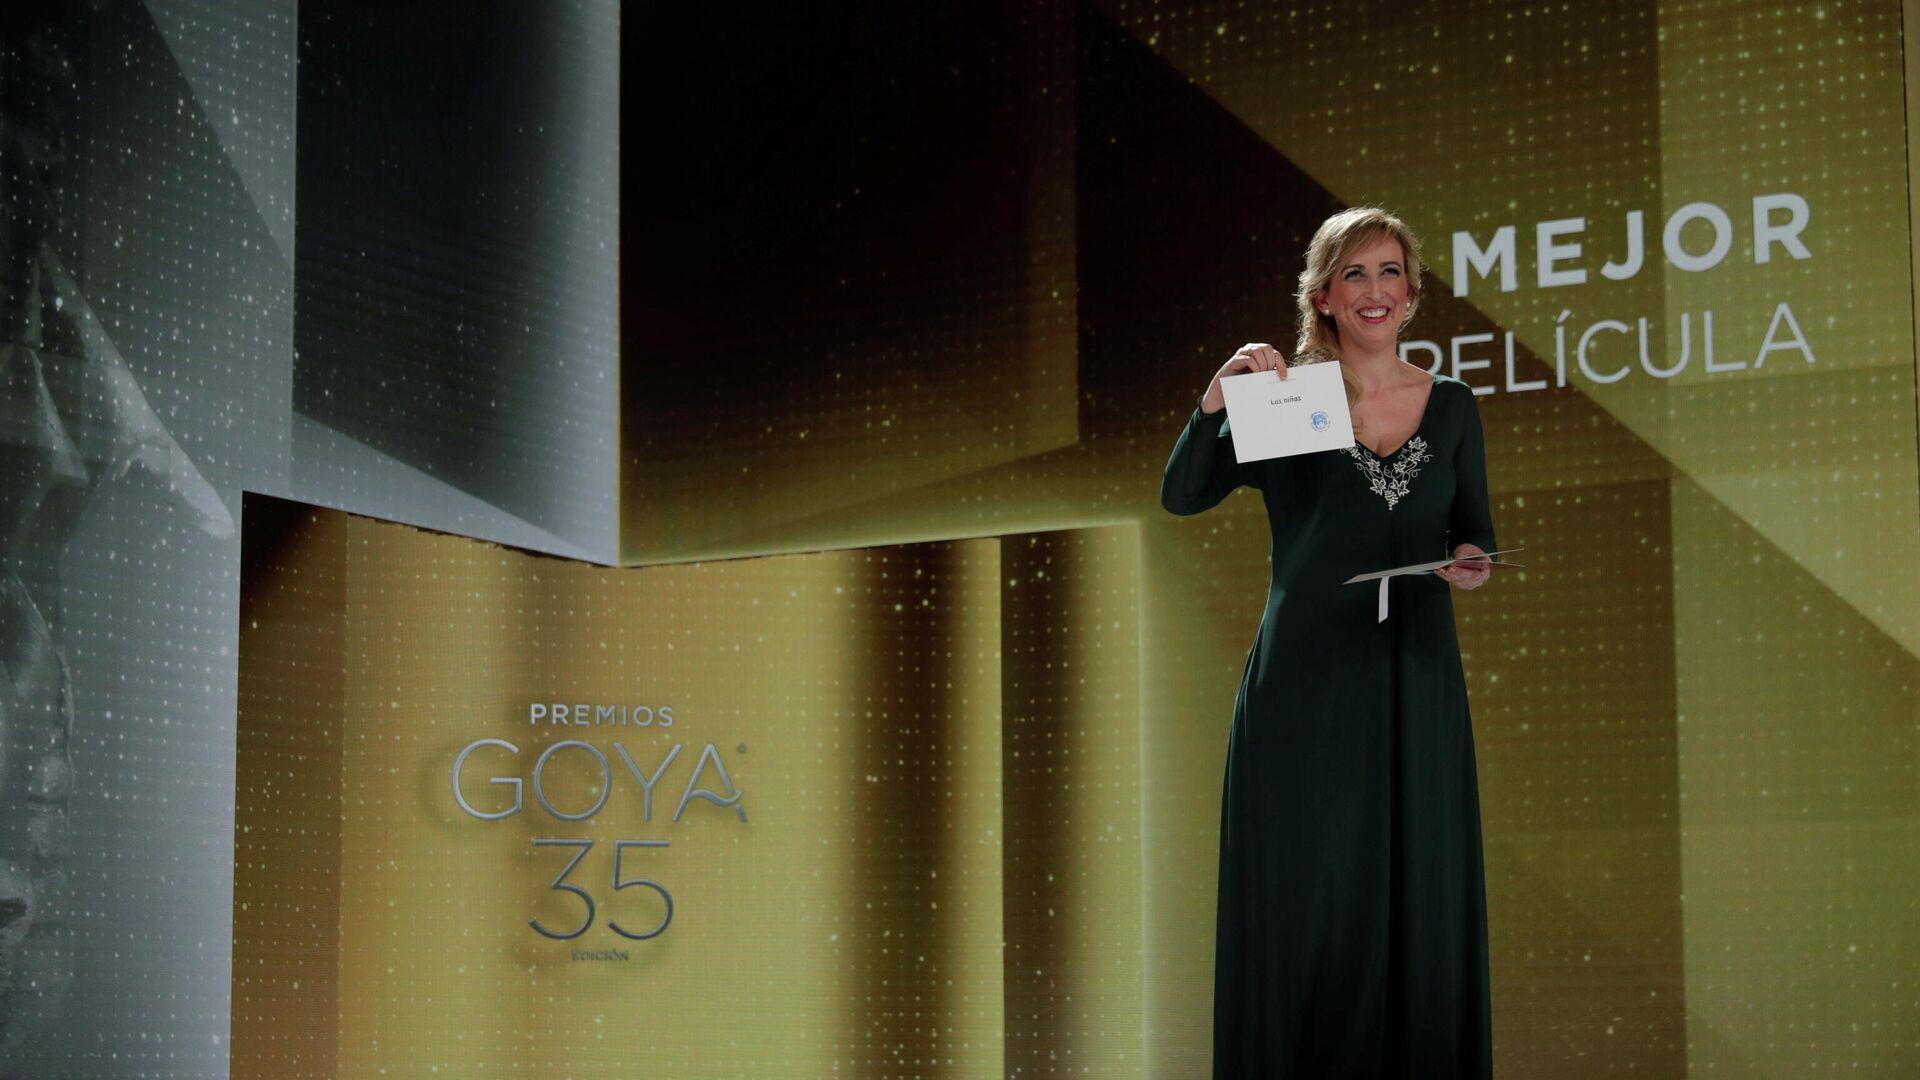 Anuncian el ganador de la mejor película en los Premios Goya 2021 - Sputnik Mundo, 1920, 07.03.2021